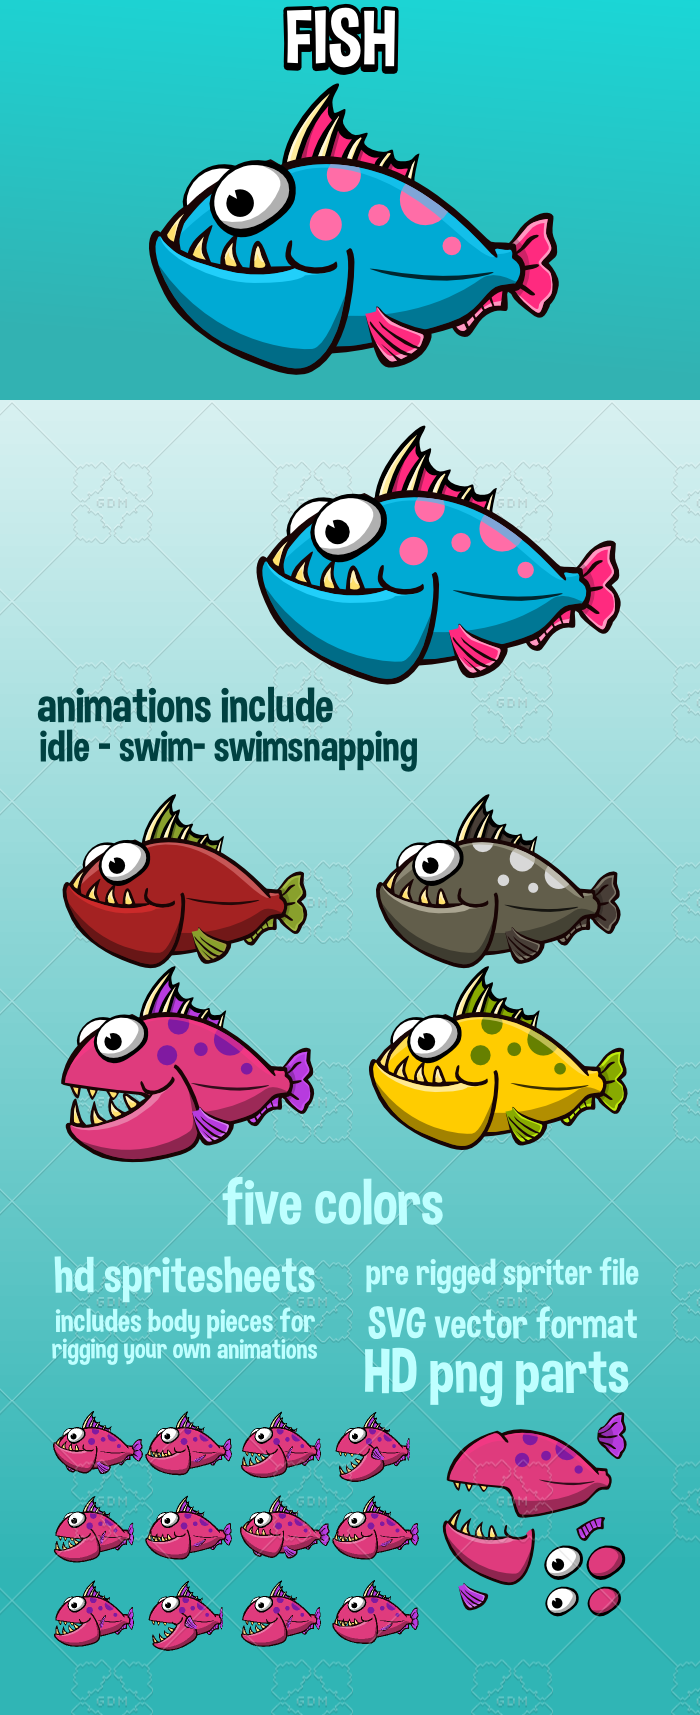 Animated fish 2